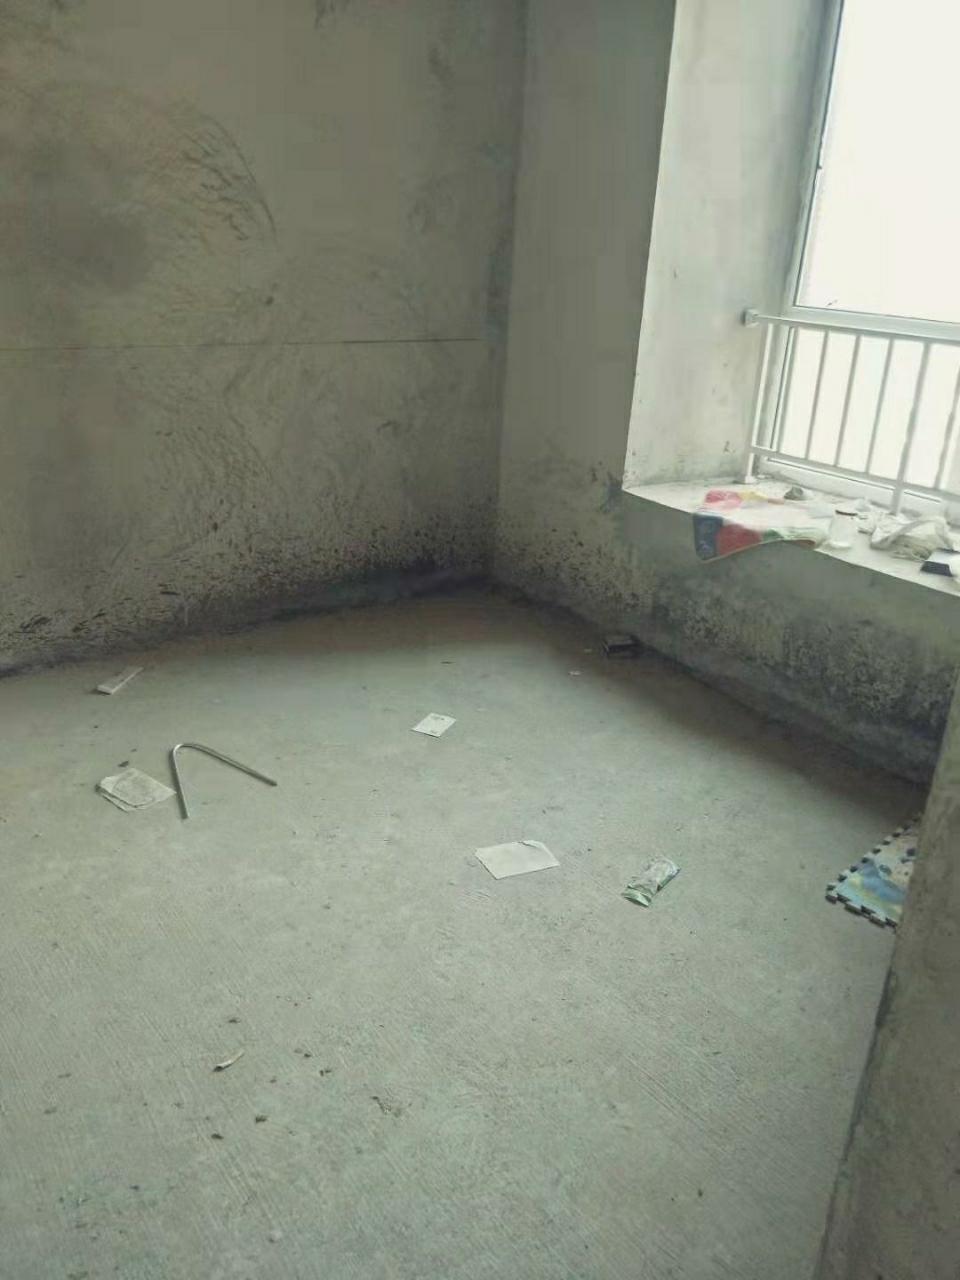 香榭花都3室两厅 可按揭,电梯中层,